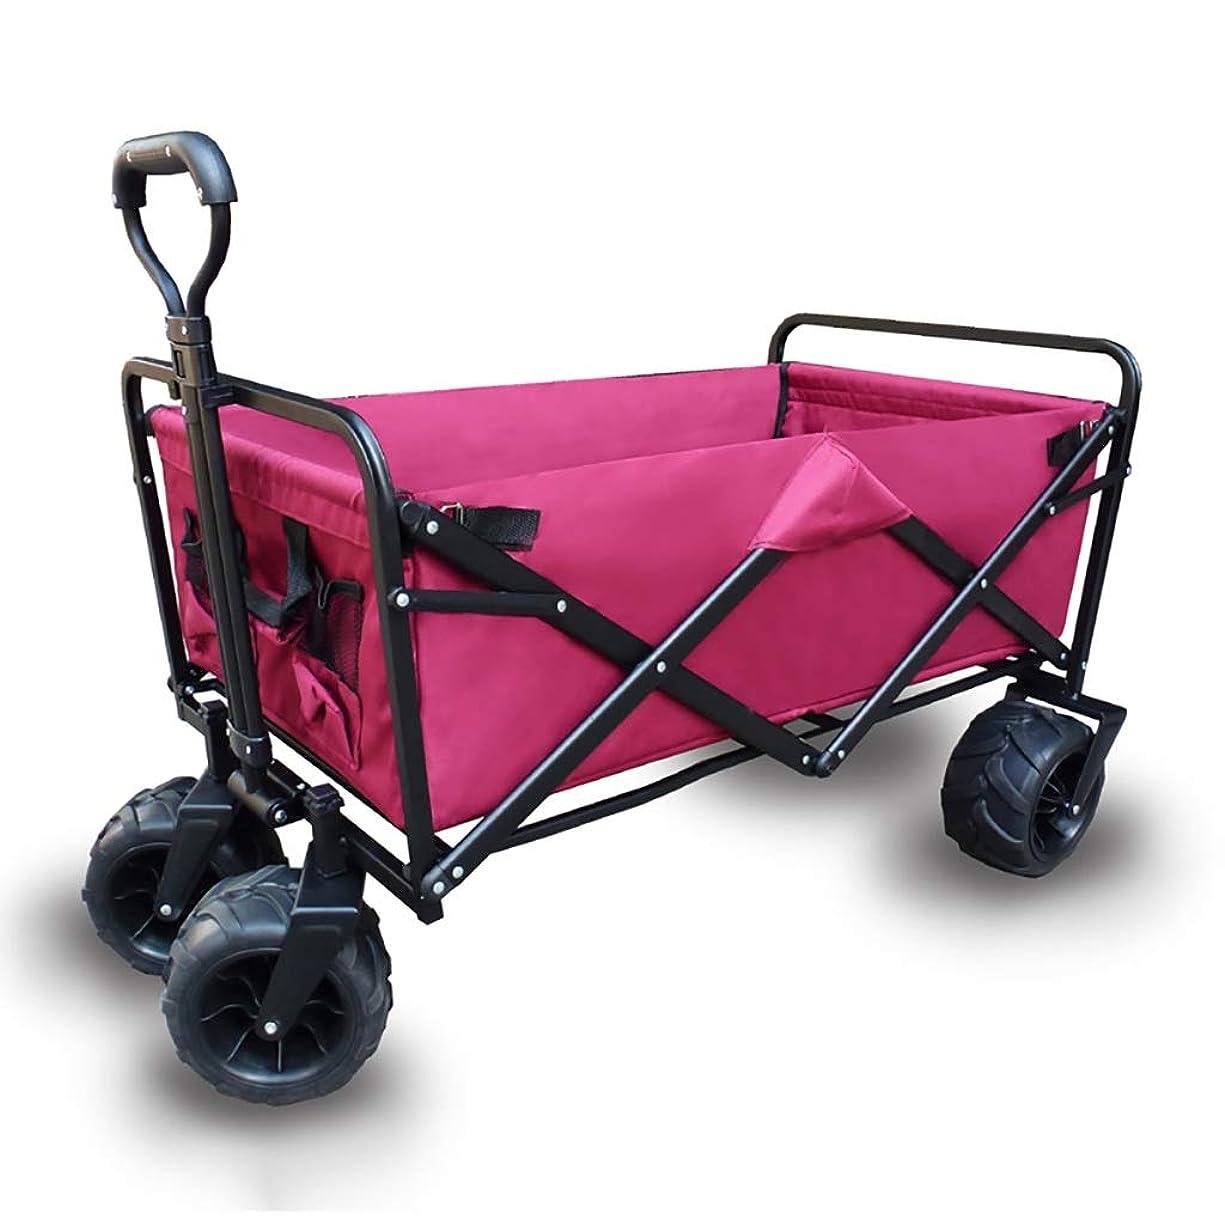 授業料スキャンダルアクチュエータ折りたたみビーチワゴン 収穫台車?キャリー 折りたたみ式ガーデントロリーカート ヘビーデューティーワゴン 多機能ショッピングカート にとって アウトドア キャンプ プルトラック 4つのビーチホイールで、 負荷:80kg (Color : Fuchsia)